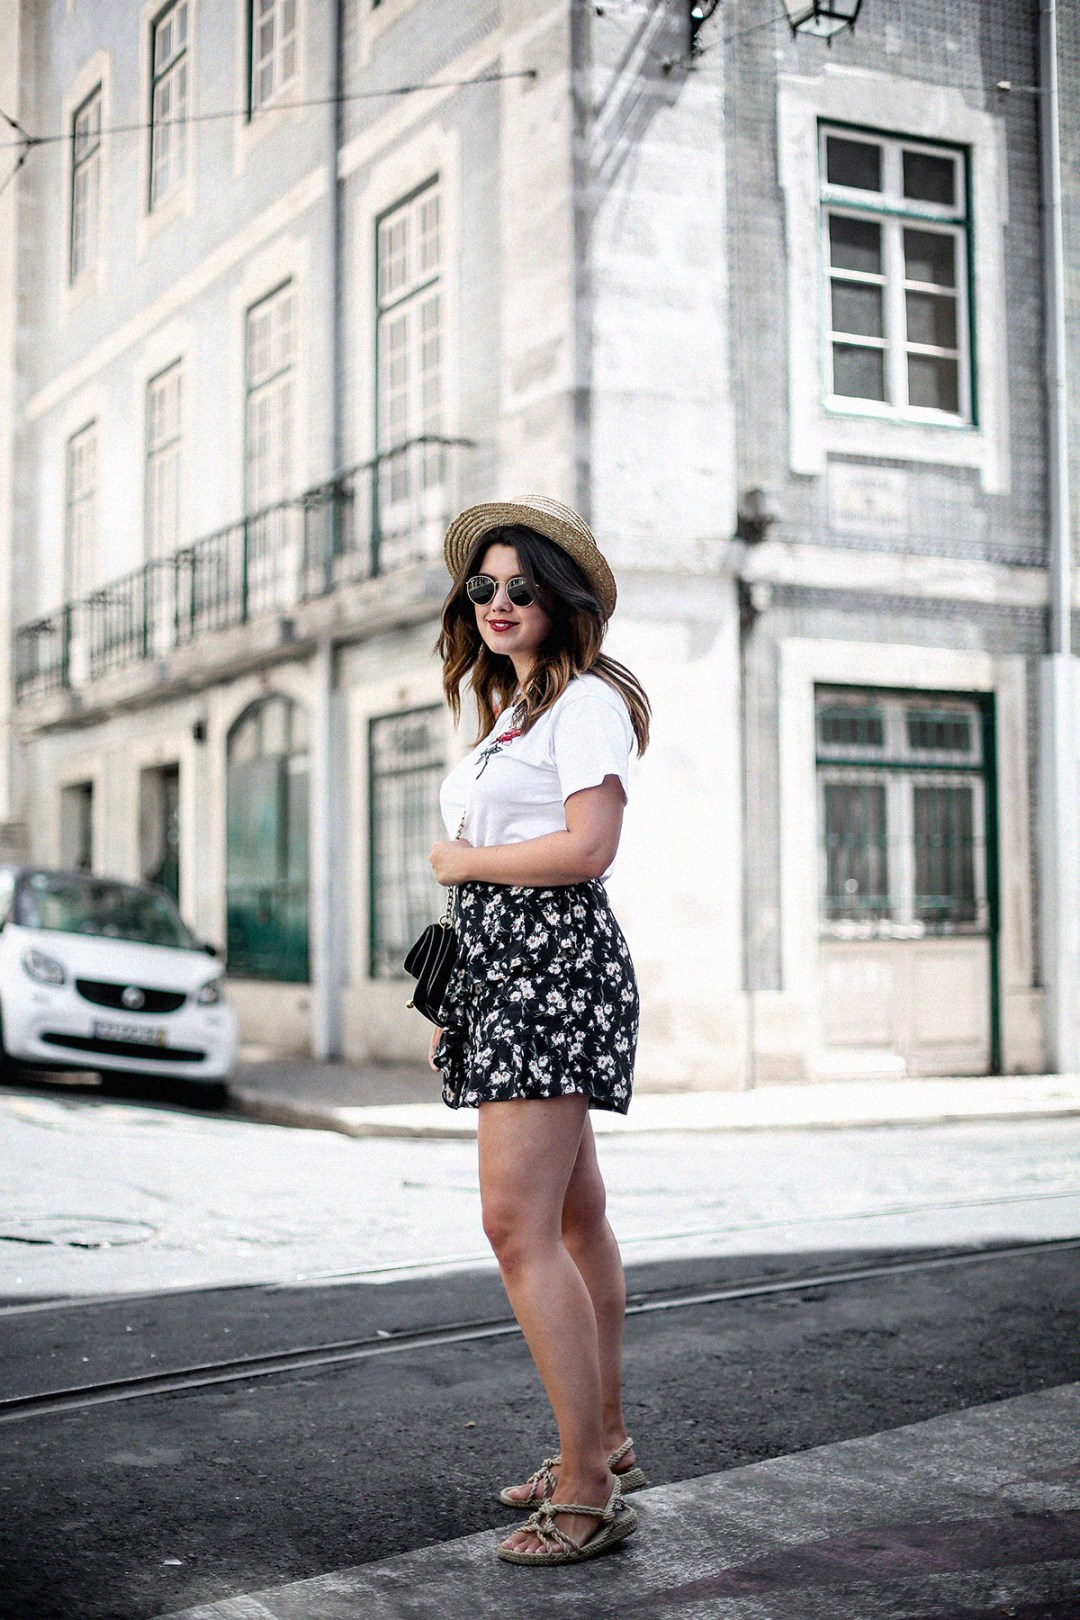 shorts-margaritas-mango-nomadic-sandalias-outfit-lisboa